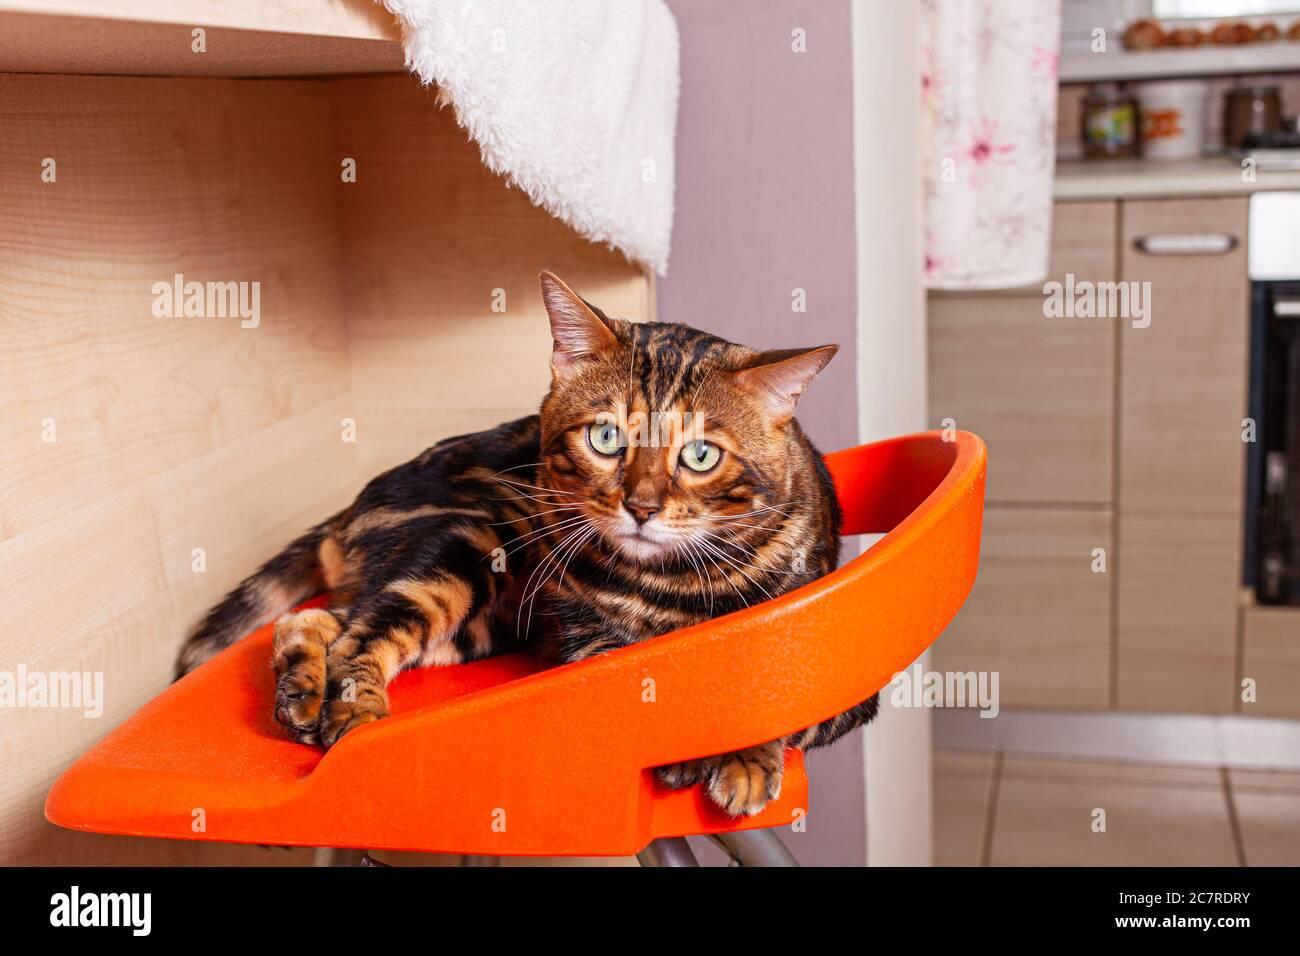 Un Hermoso Gato De Bengala Se Encuentra En Un Taburete De Bar Naranja En El Fondo De La Cocina El Gato Mira La Cámara Con Ojos Verdes Un Gato Tigre Leopardo Fotografía